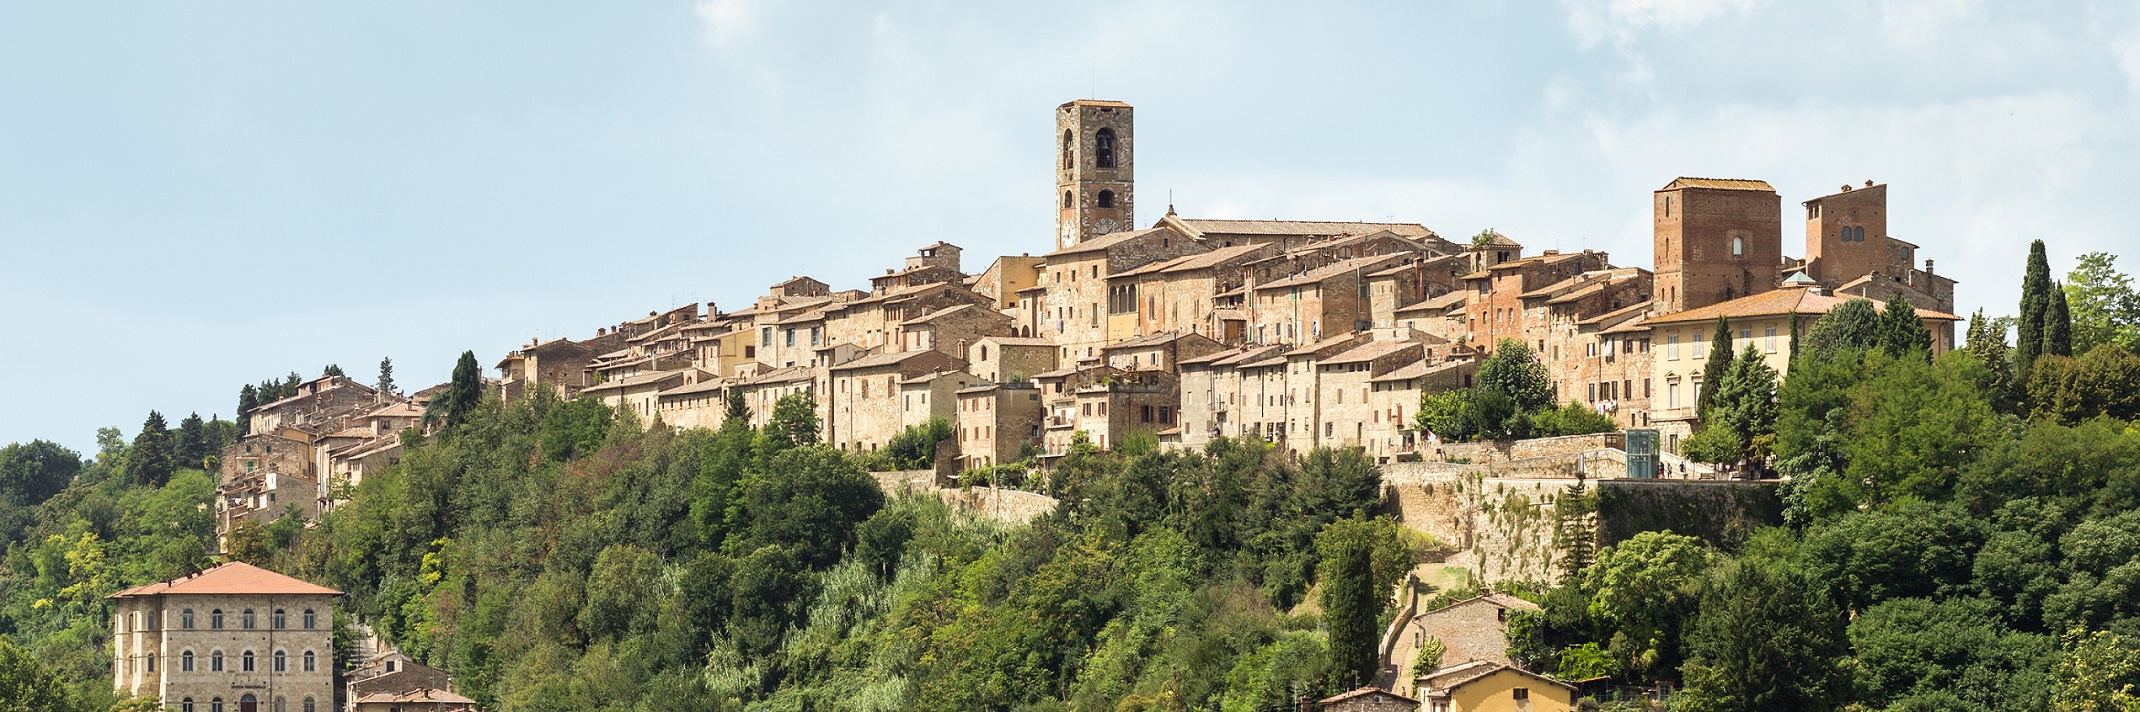 Ripartire dalle piccole città. 2050 Archifest: Colle di Val D'Elsa in Toscana polo dell'architettura contemporanea